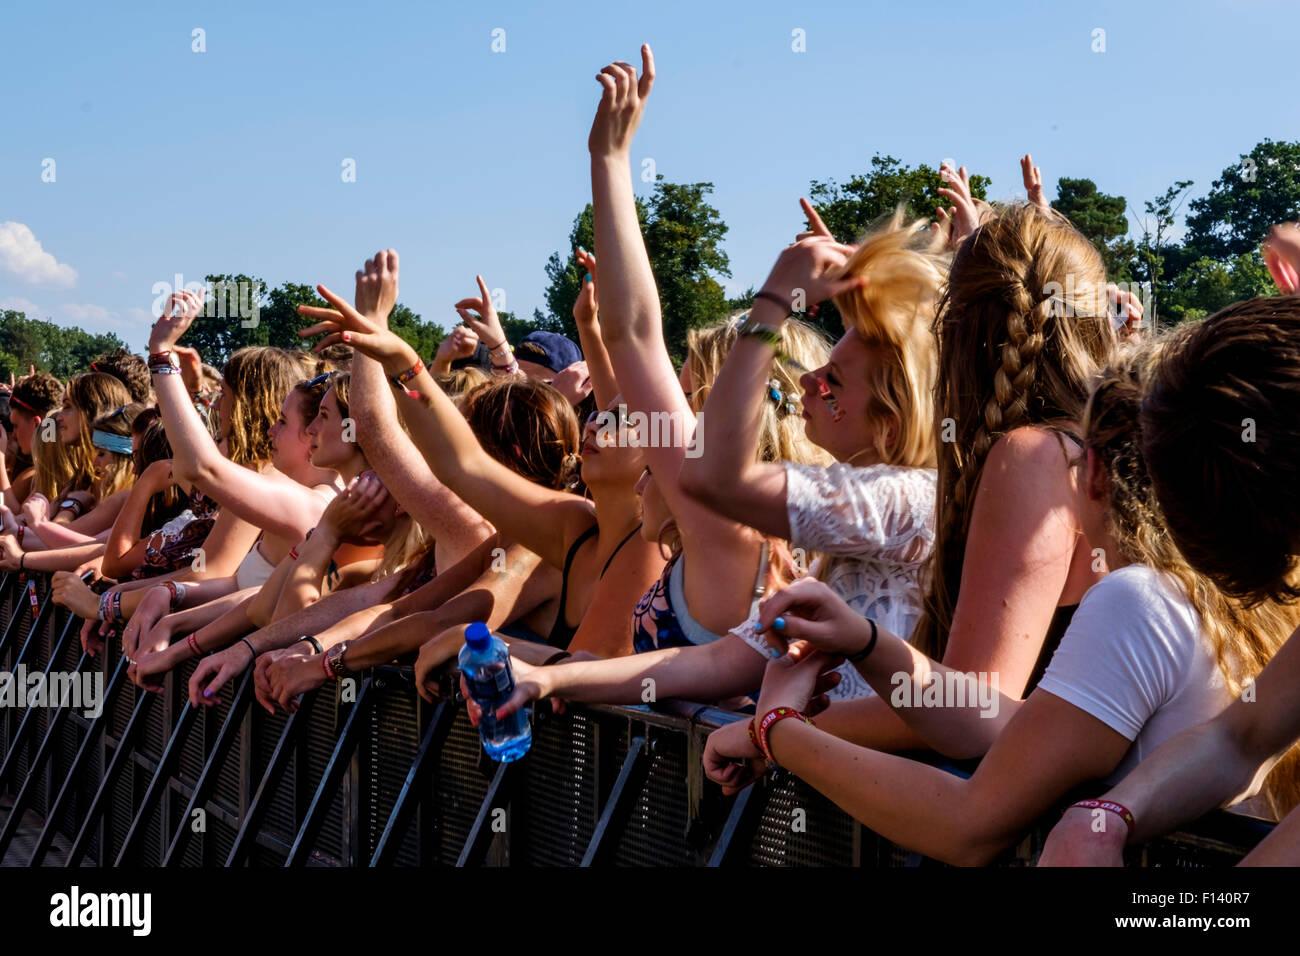 naked-girl-v-festival-chelmsford